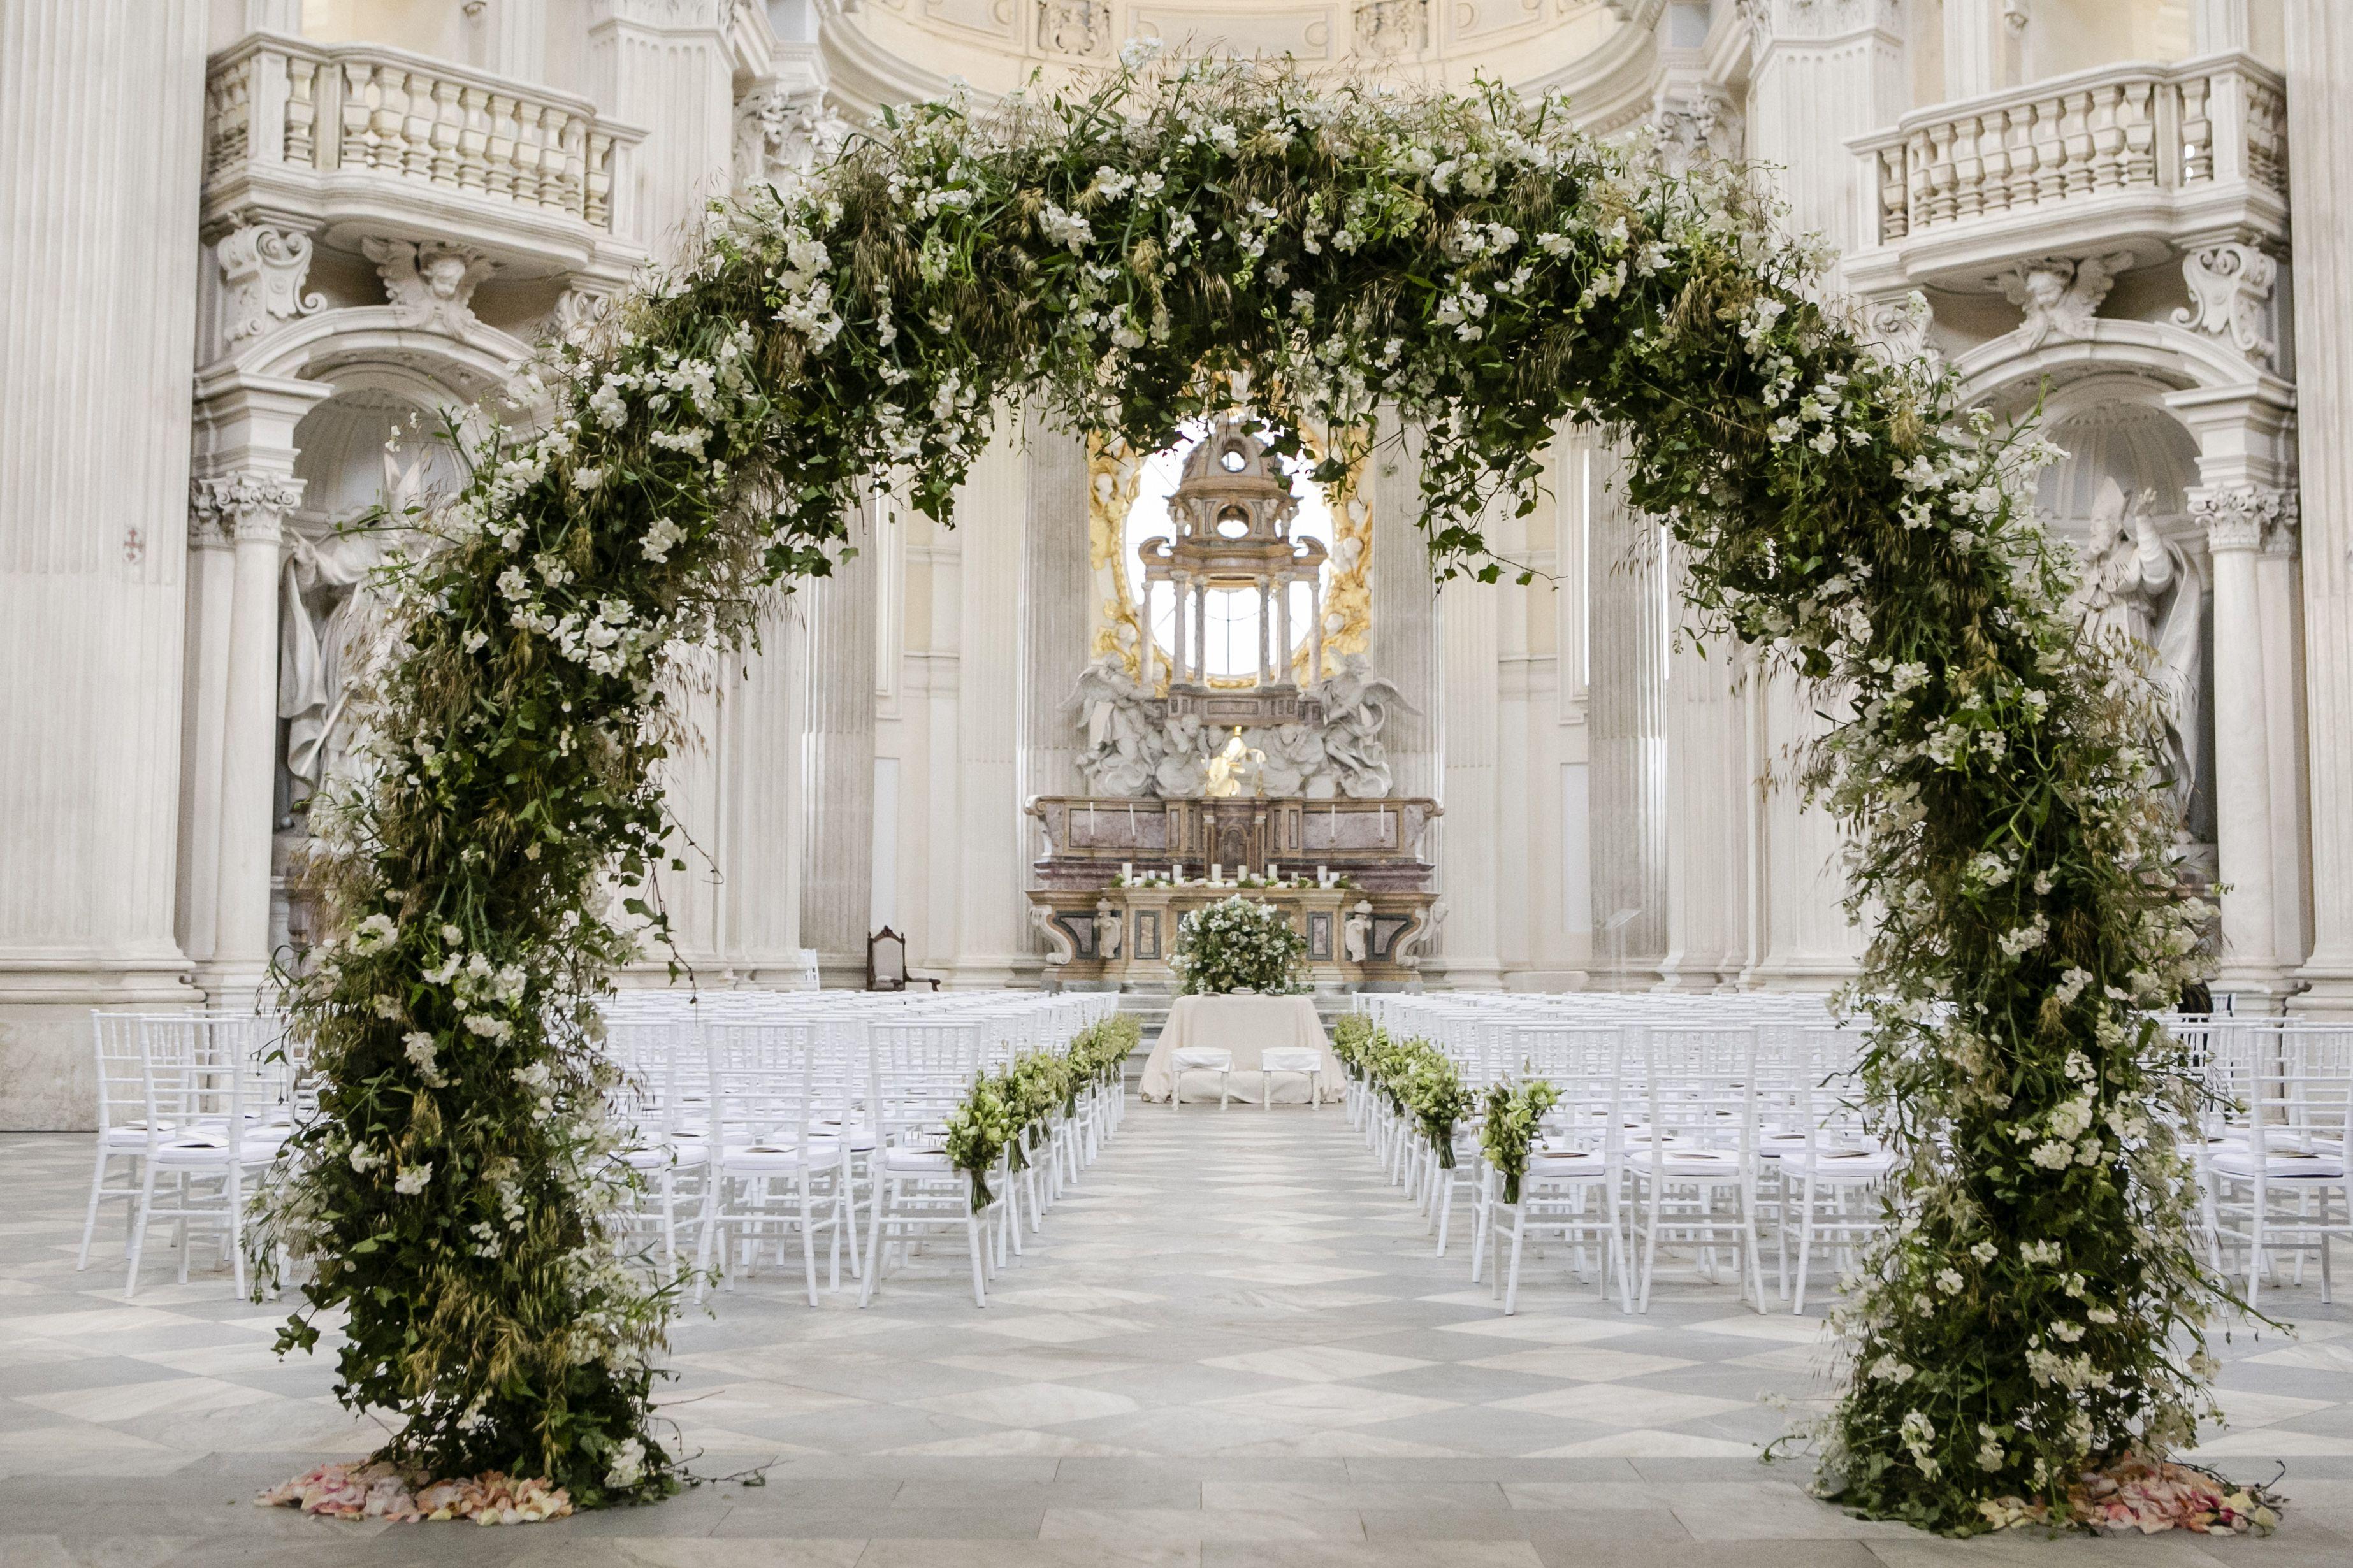 Matrimoni da ri-fare o di come post coronavirus anche sposarsi non sia più lo stesso (eppure bellissimo)